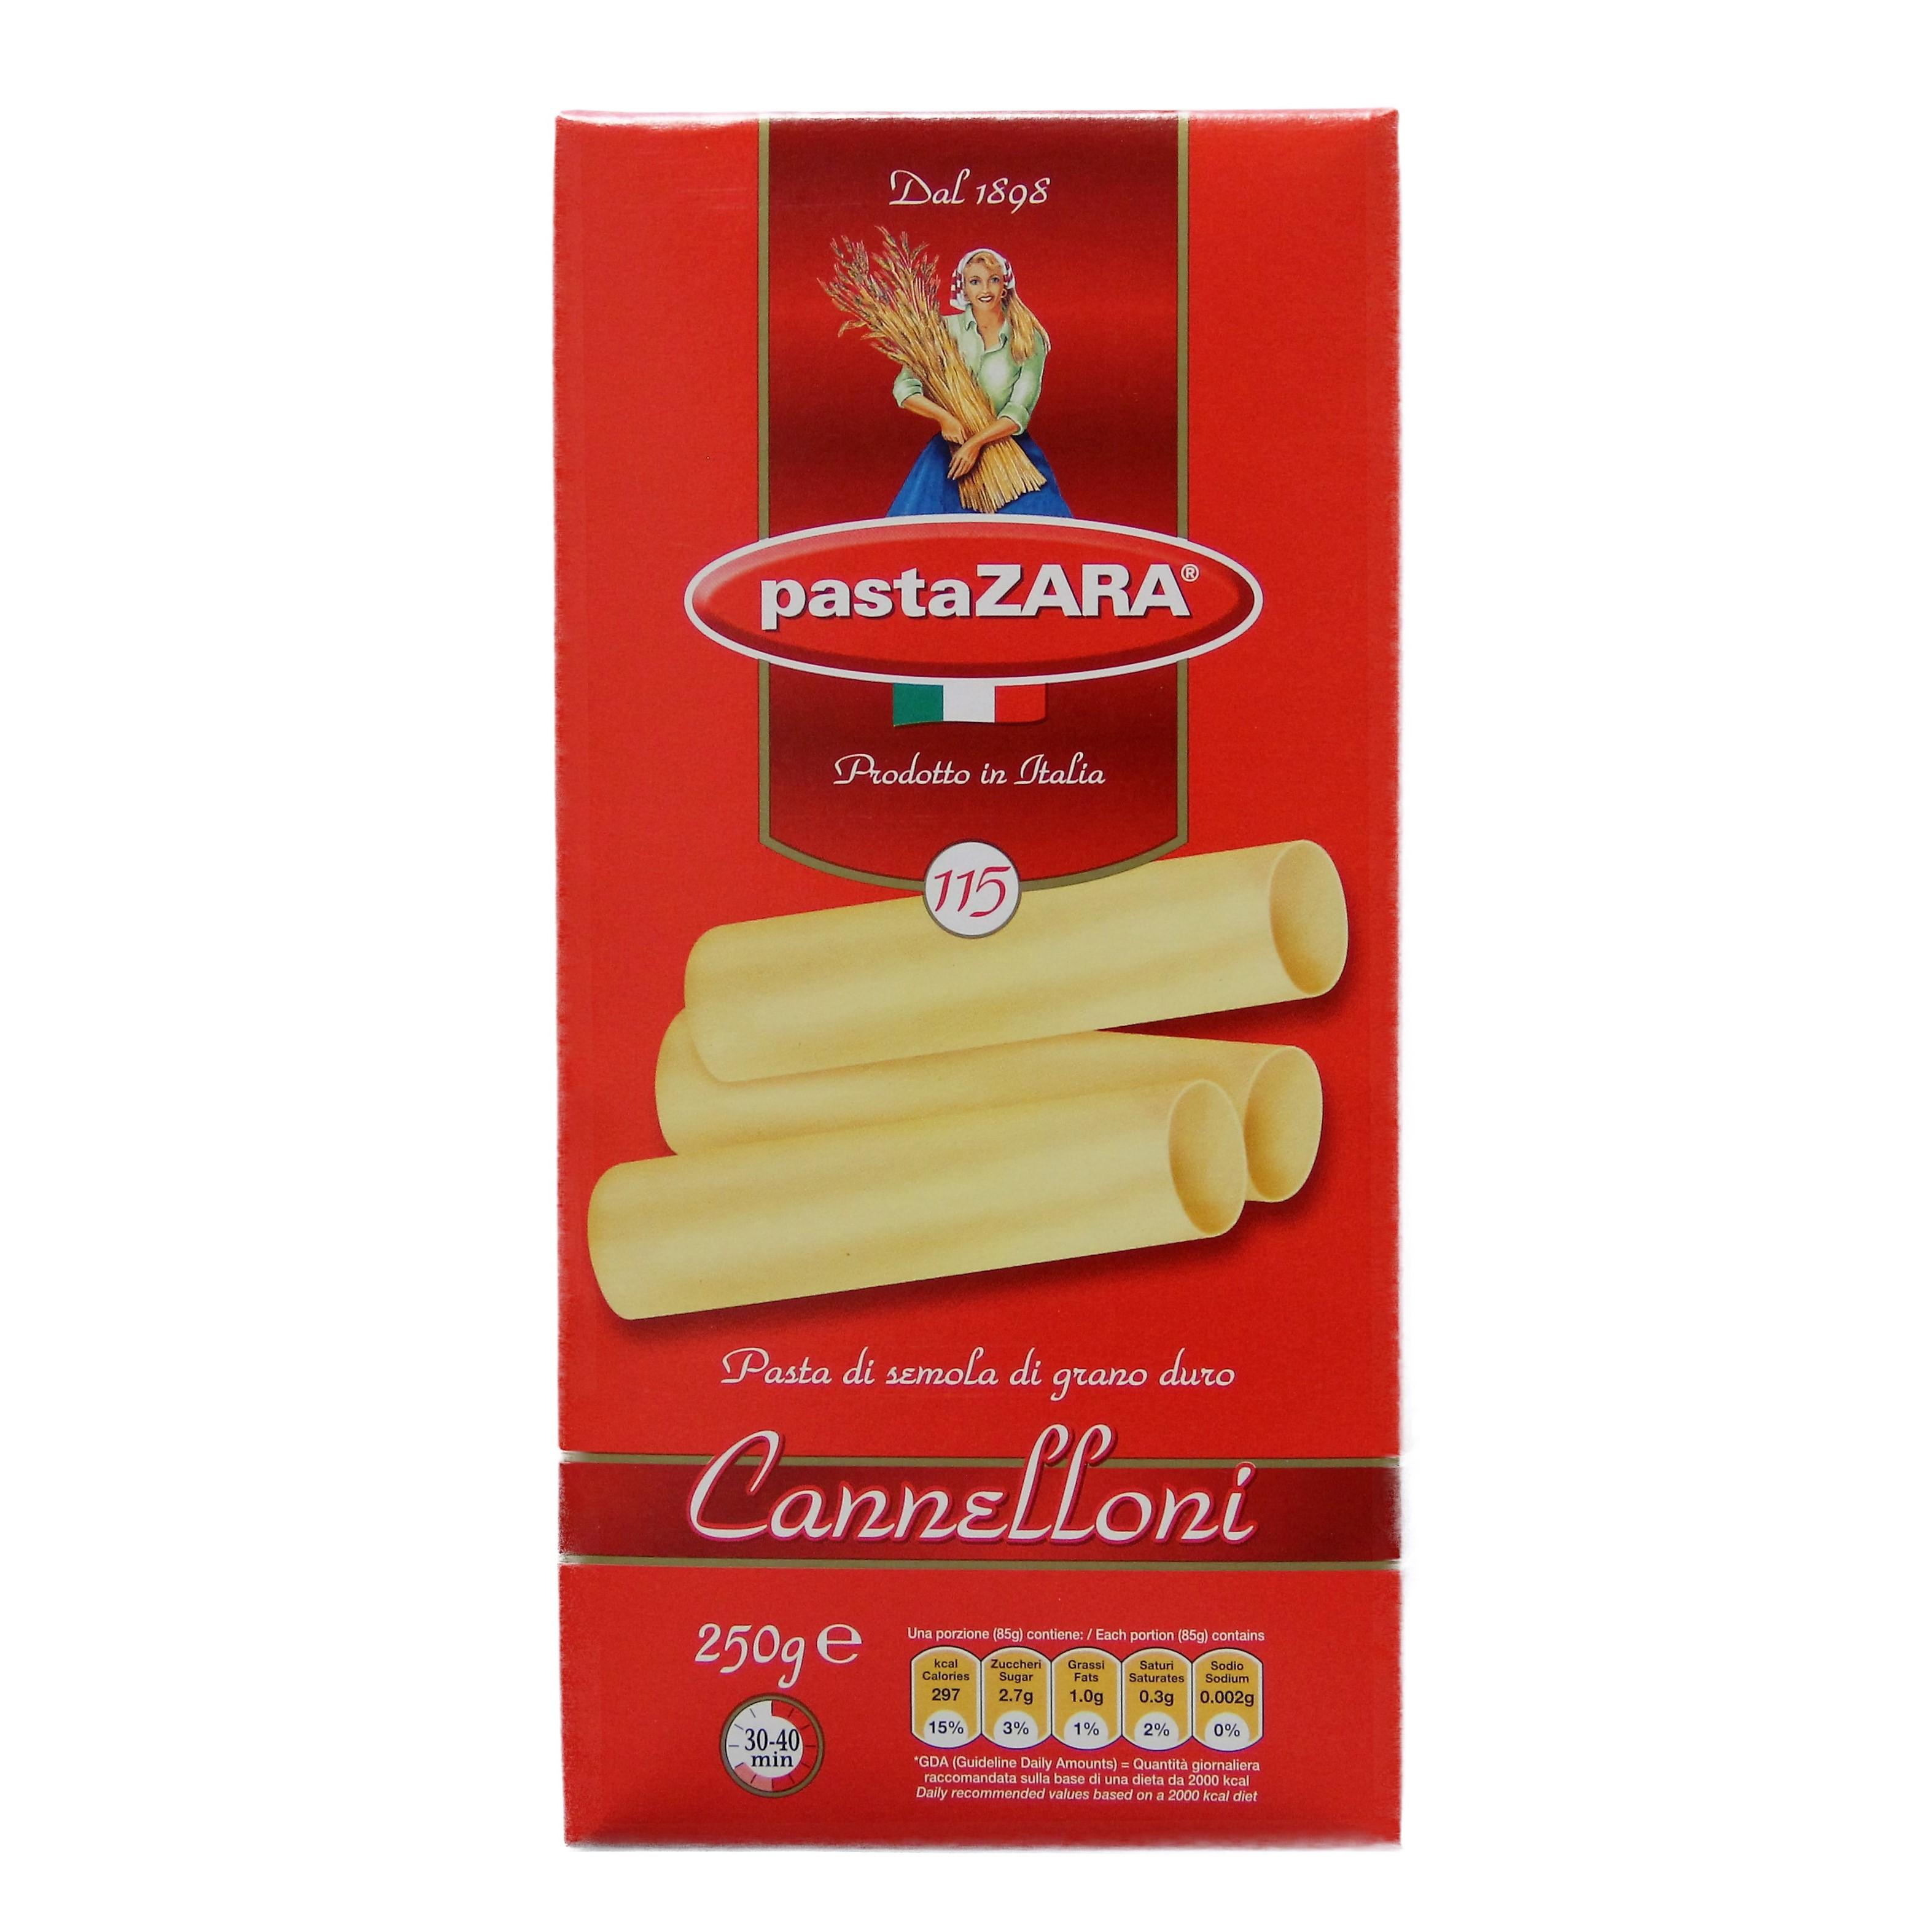 347 Zara Cannelloni